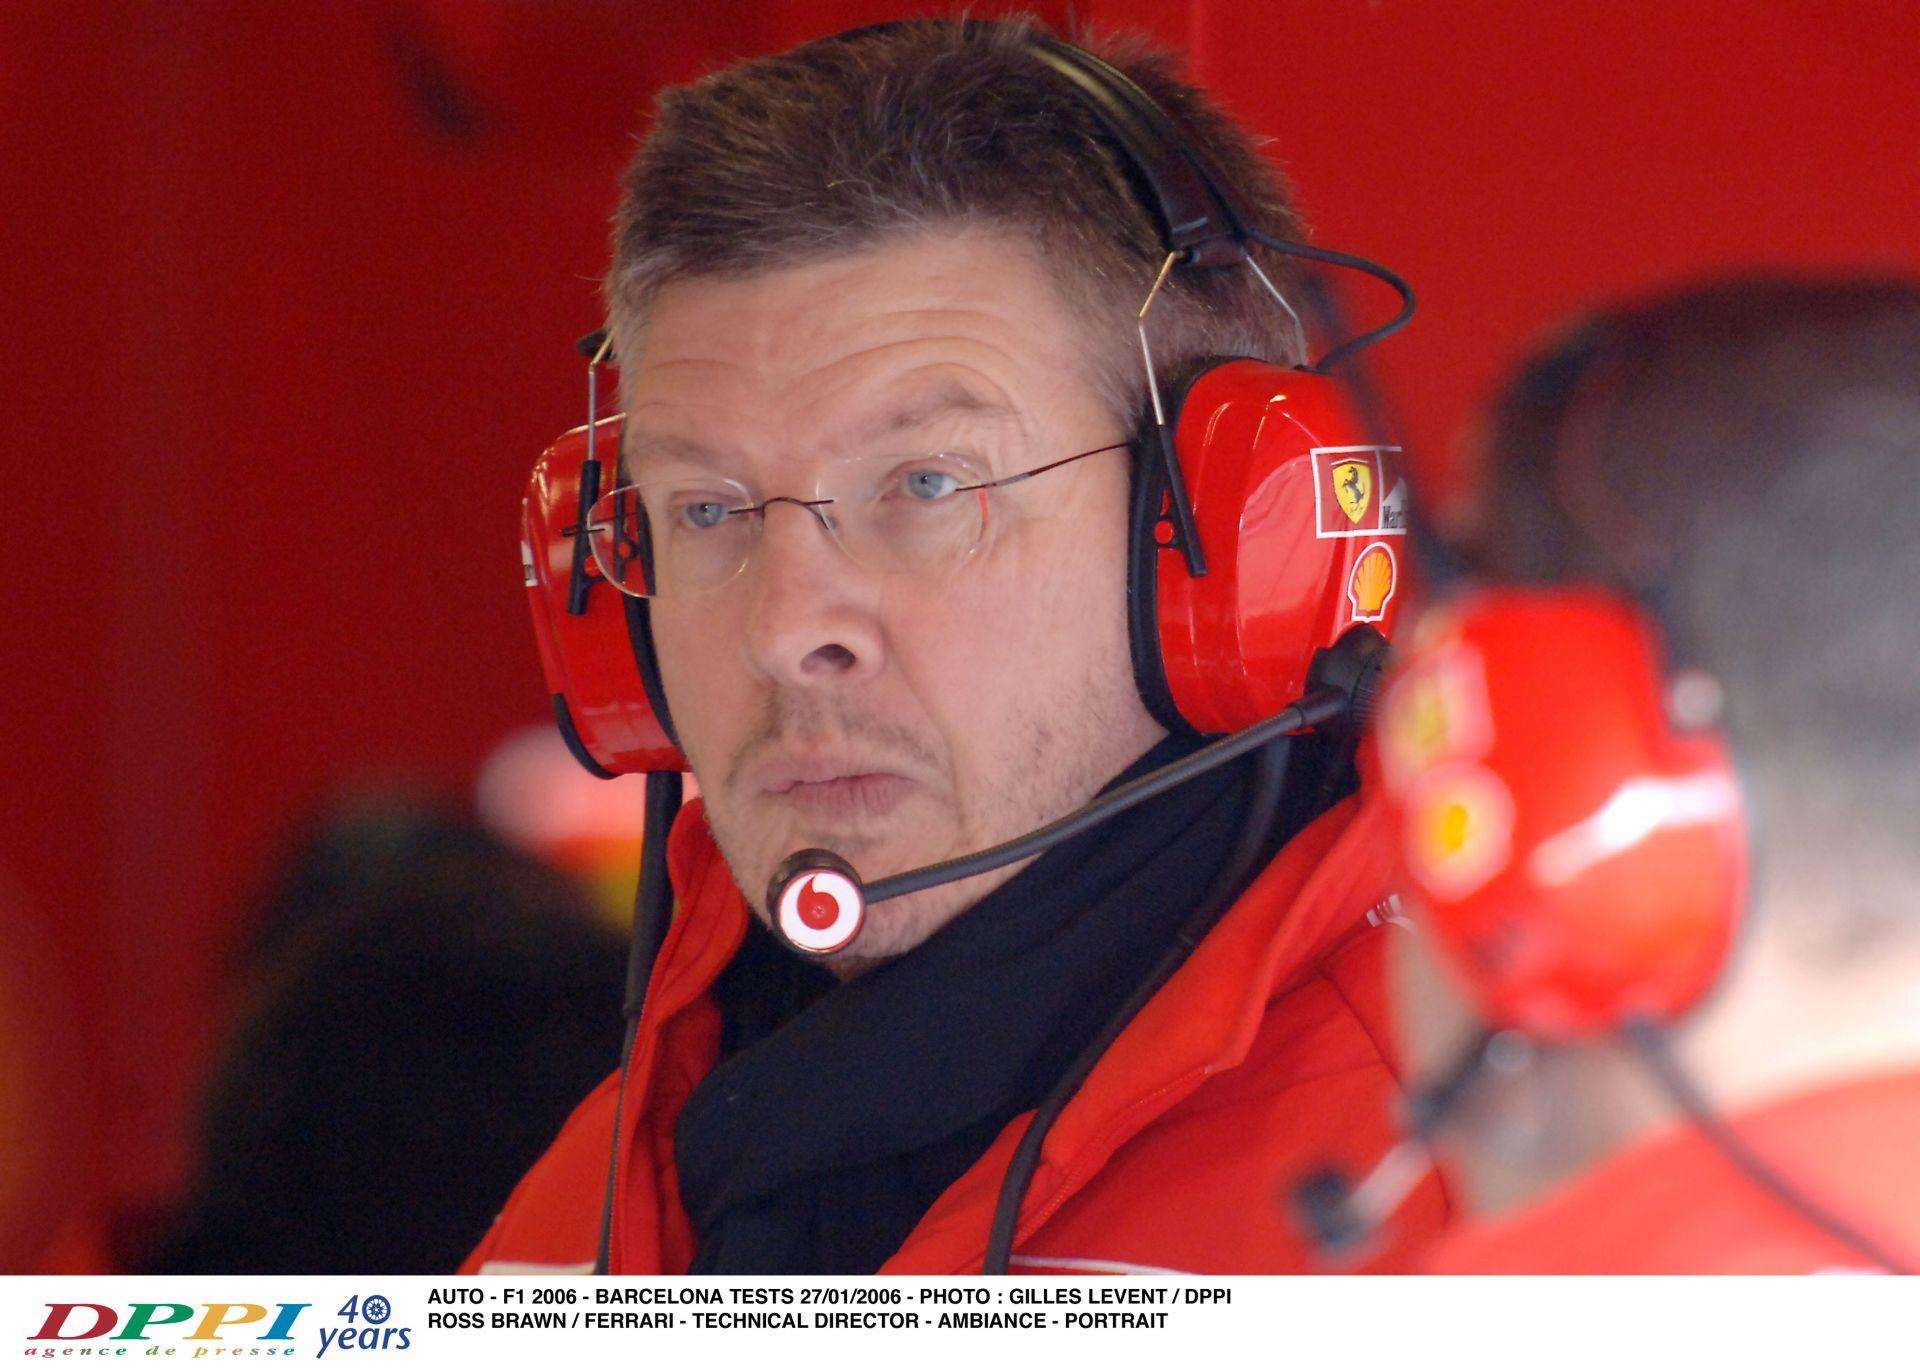 Brawn teljhatalmat kap a Ferrarinál, ha visszatér Maranellóba?